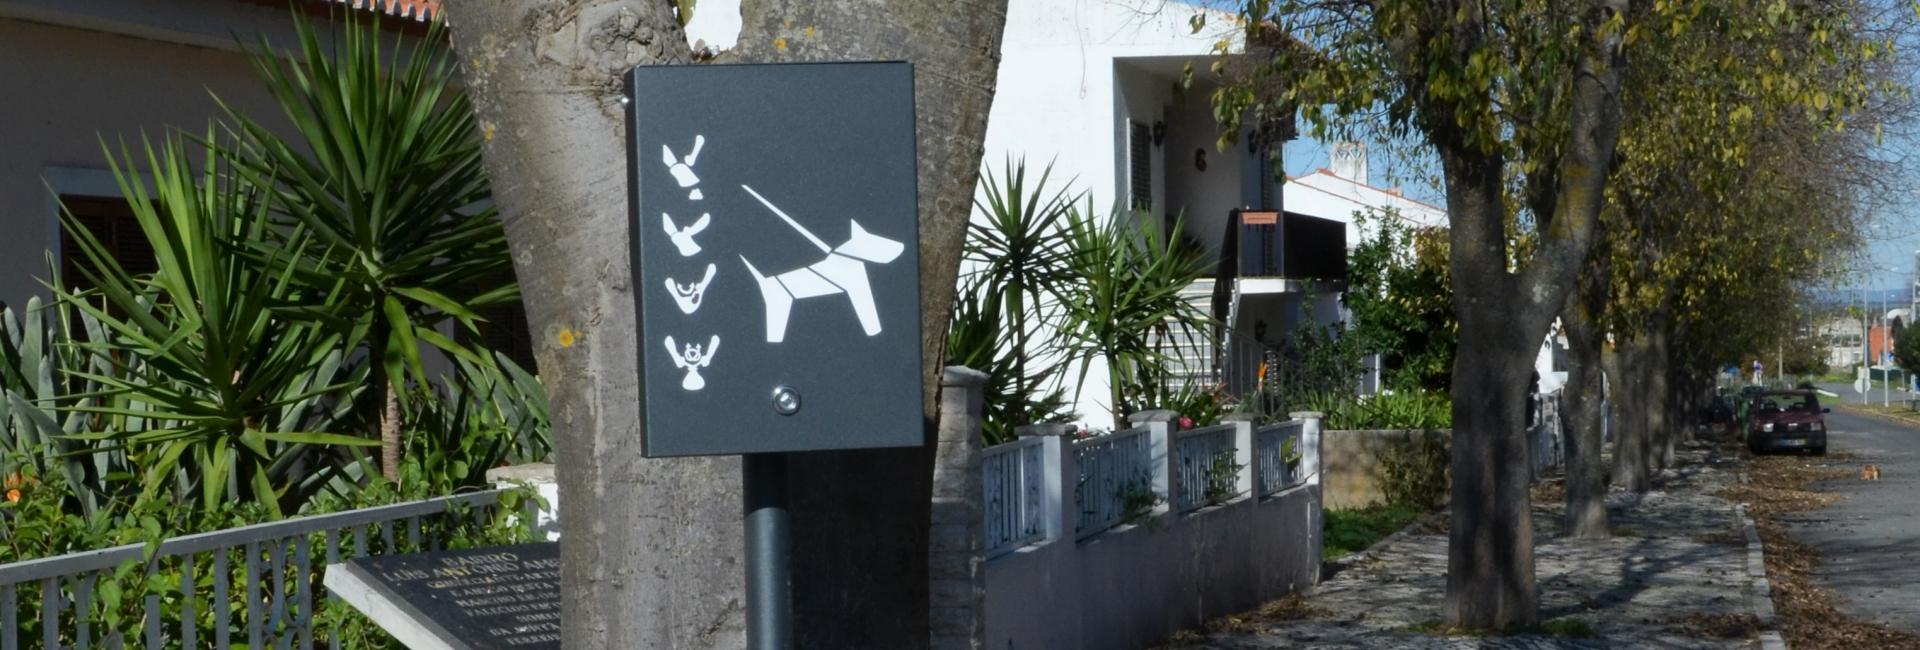 (Português) Ferreira já tem dispensadores de sacos para dejetos caninos